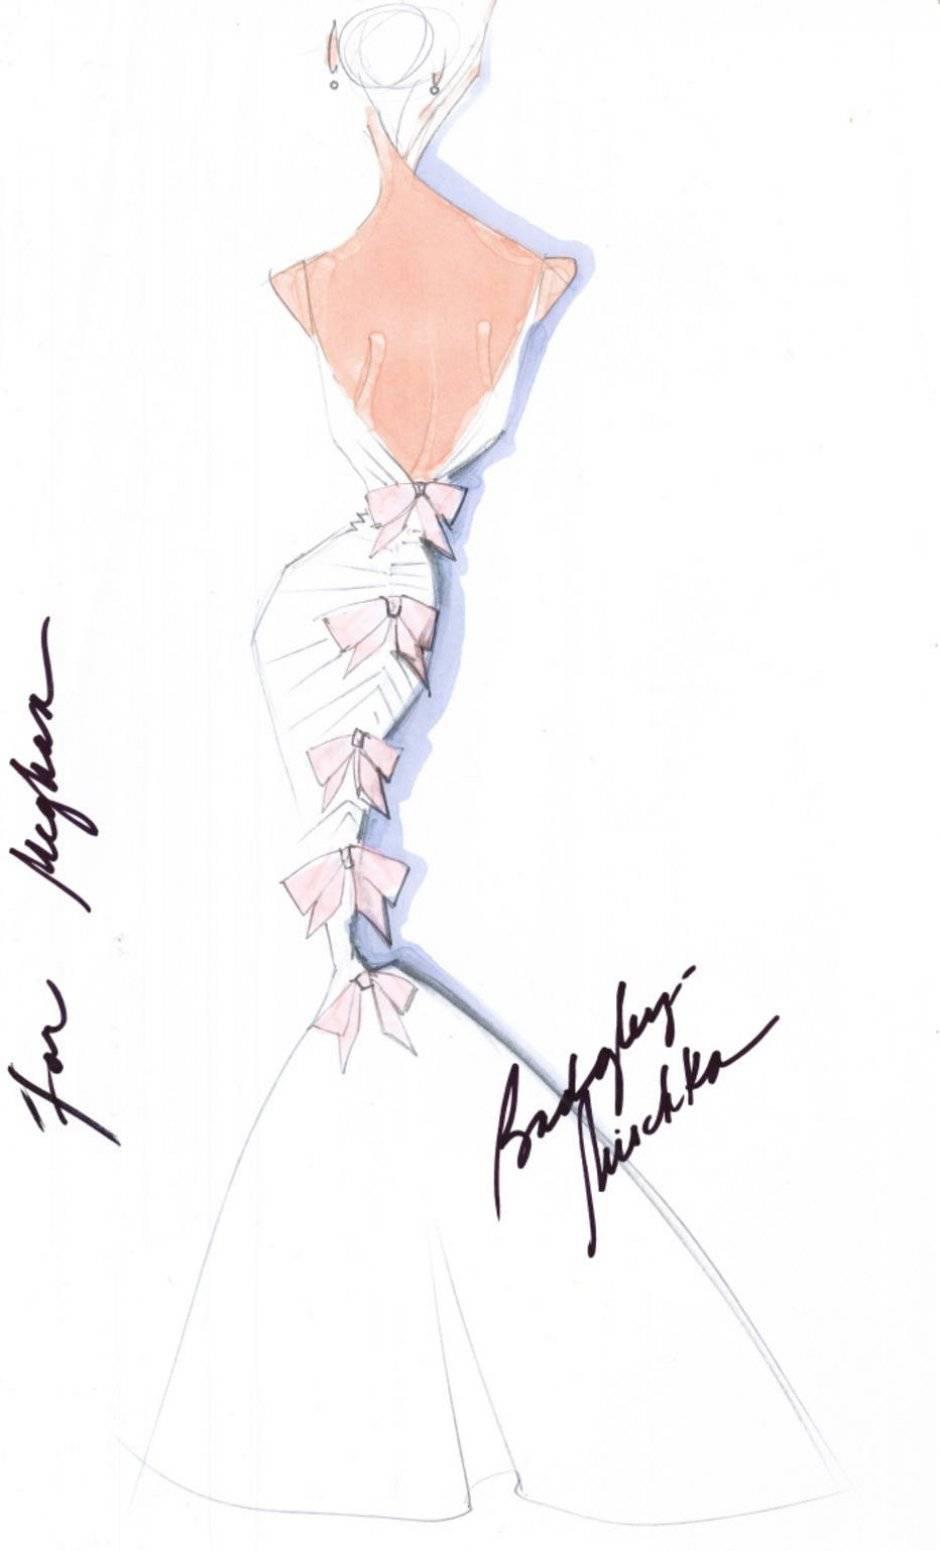 Badgley Mischka quer ver uma noiva moderna e sexy no altar. O estilista desenhou um modelo estilo sereia com laçarotes nas costas Divulgação/WWD